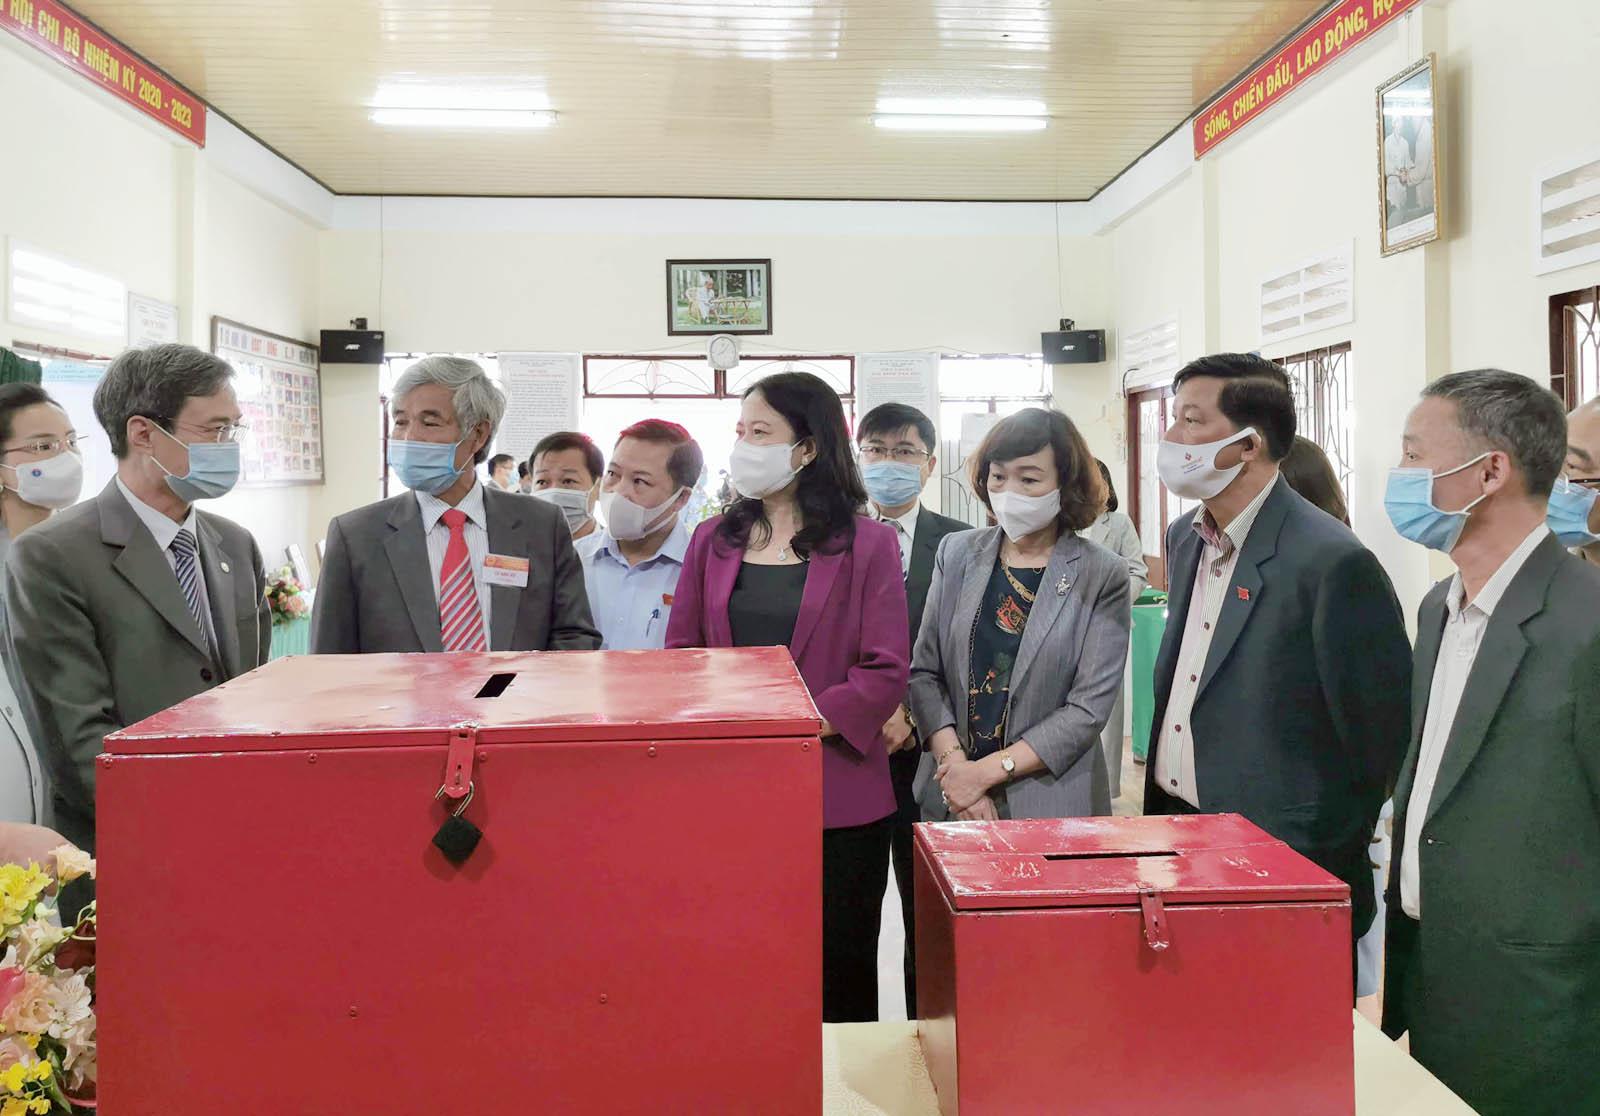 Phó Chủ tịch nước kiểm tra công tác bầu cử tại Lâm Đồng - Ảnh 2.